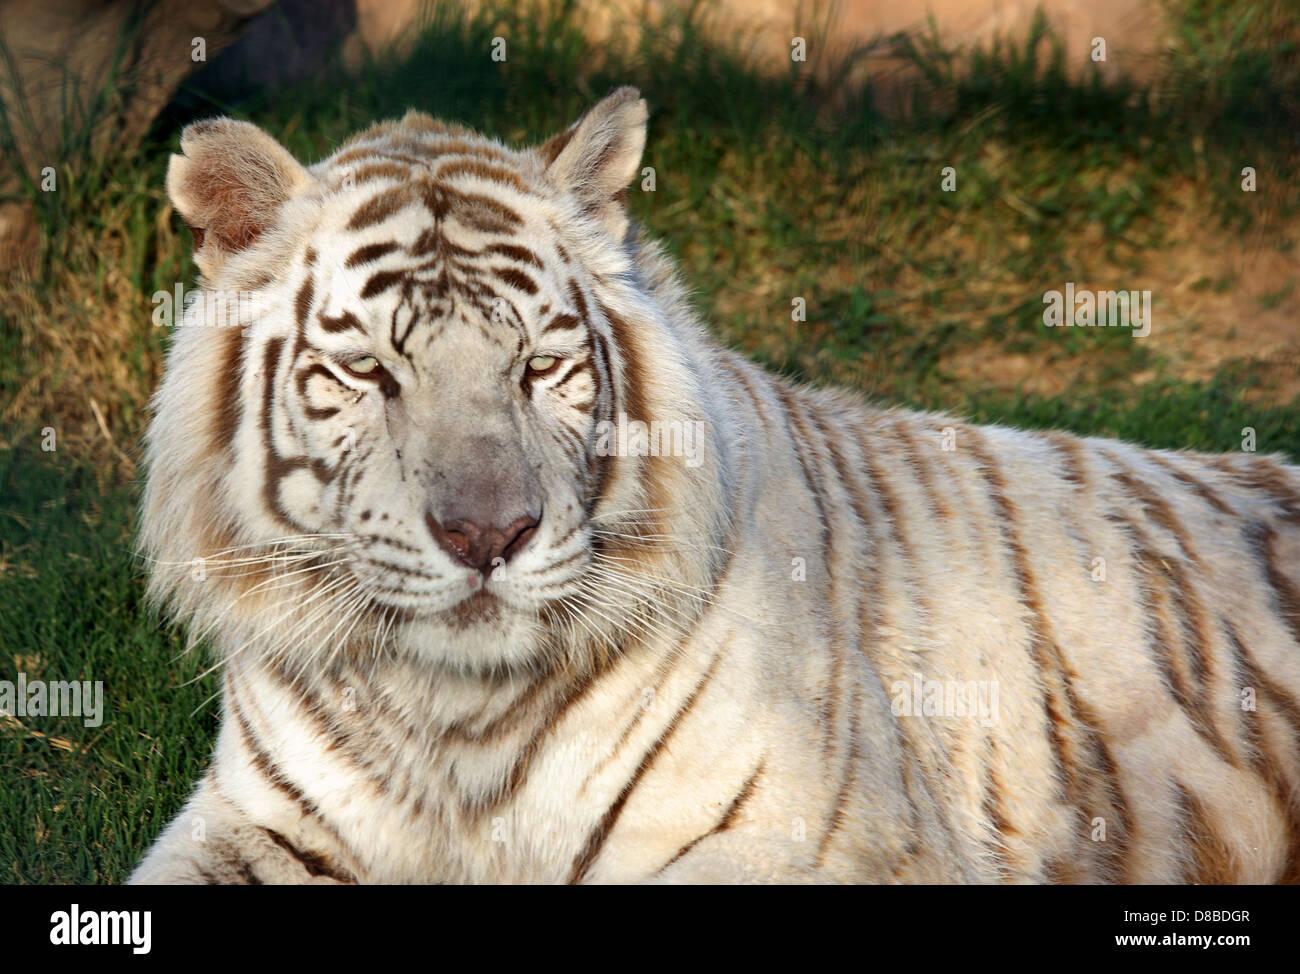 Rare white tiger